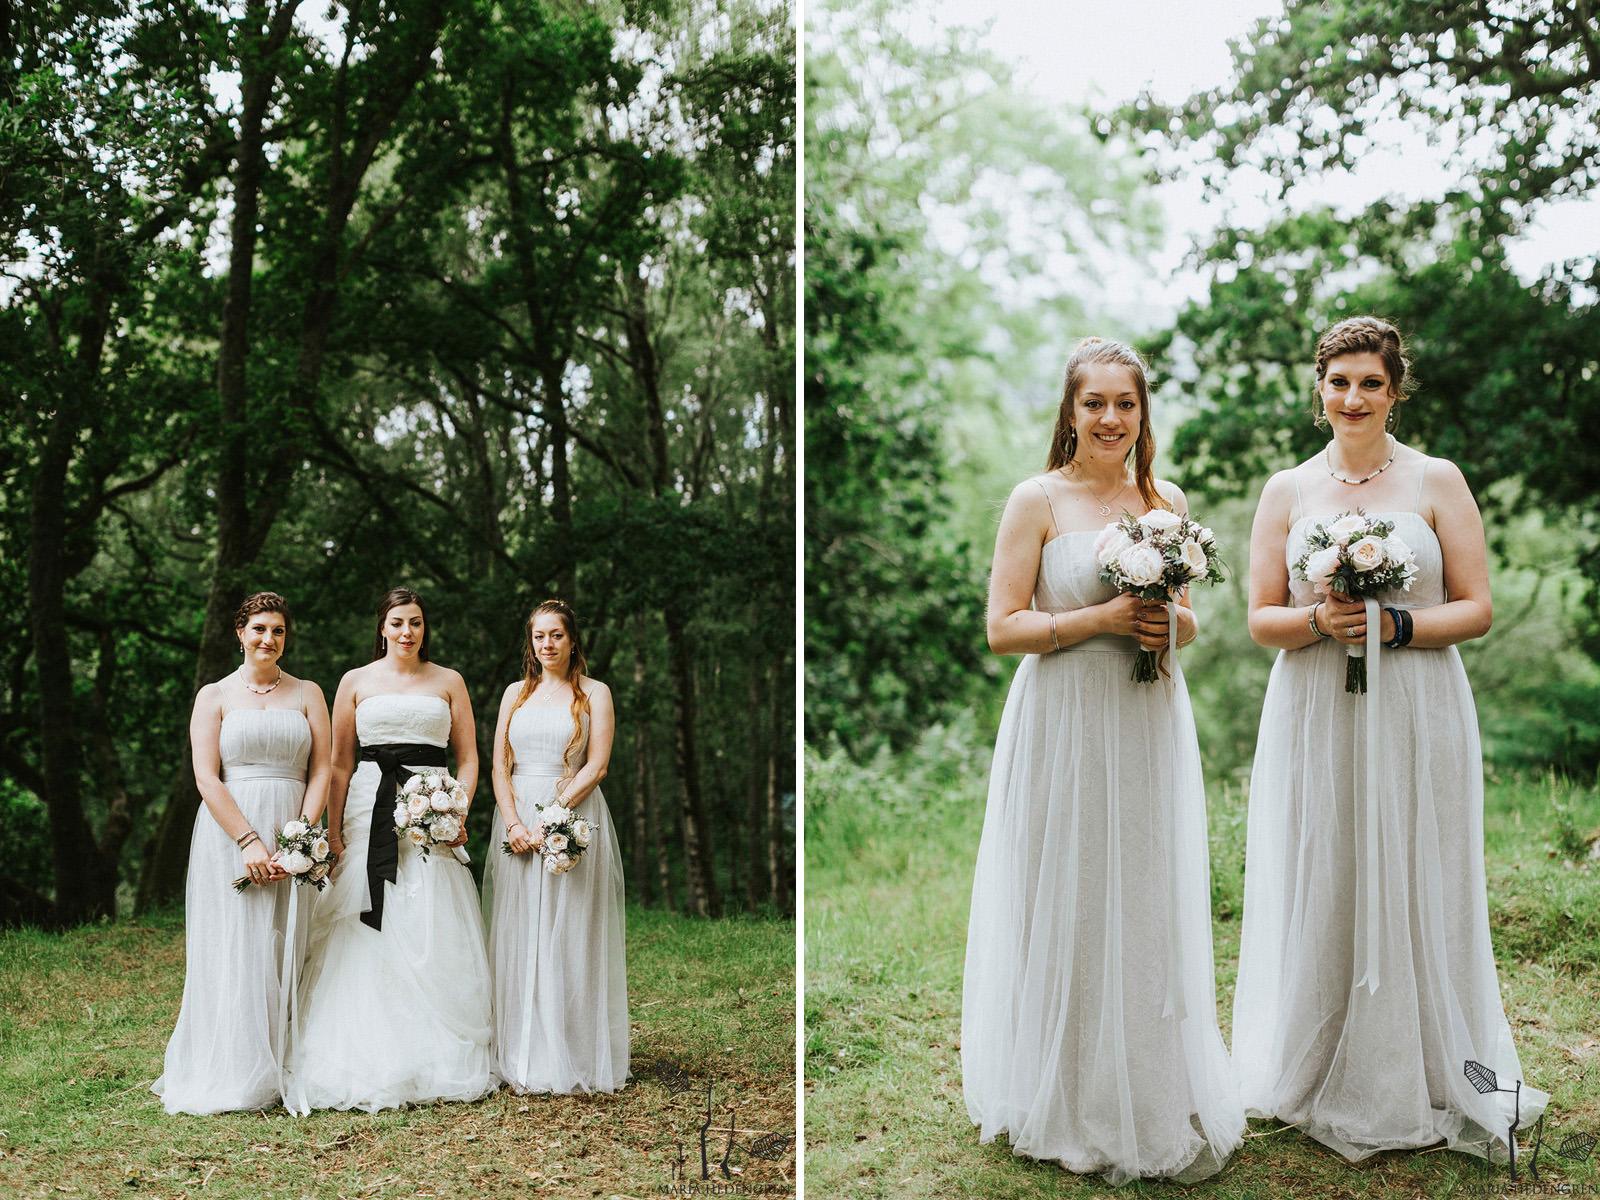 scottish bridesmaids